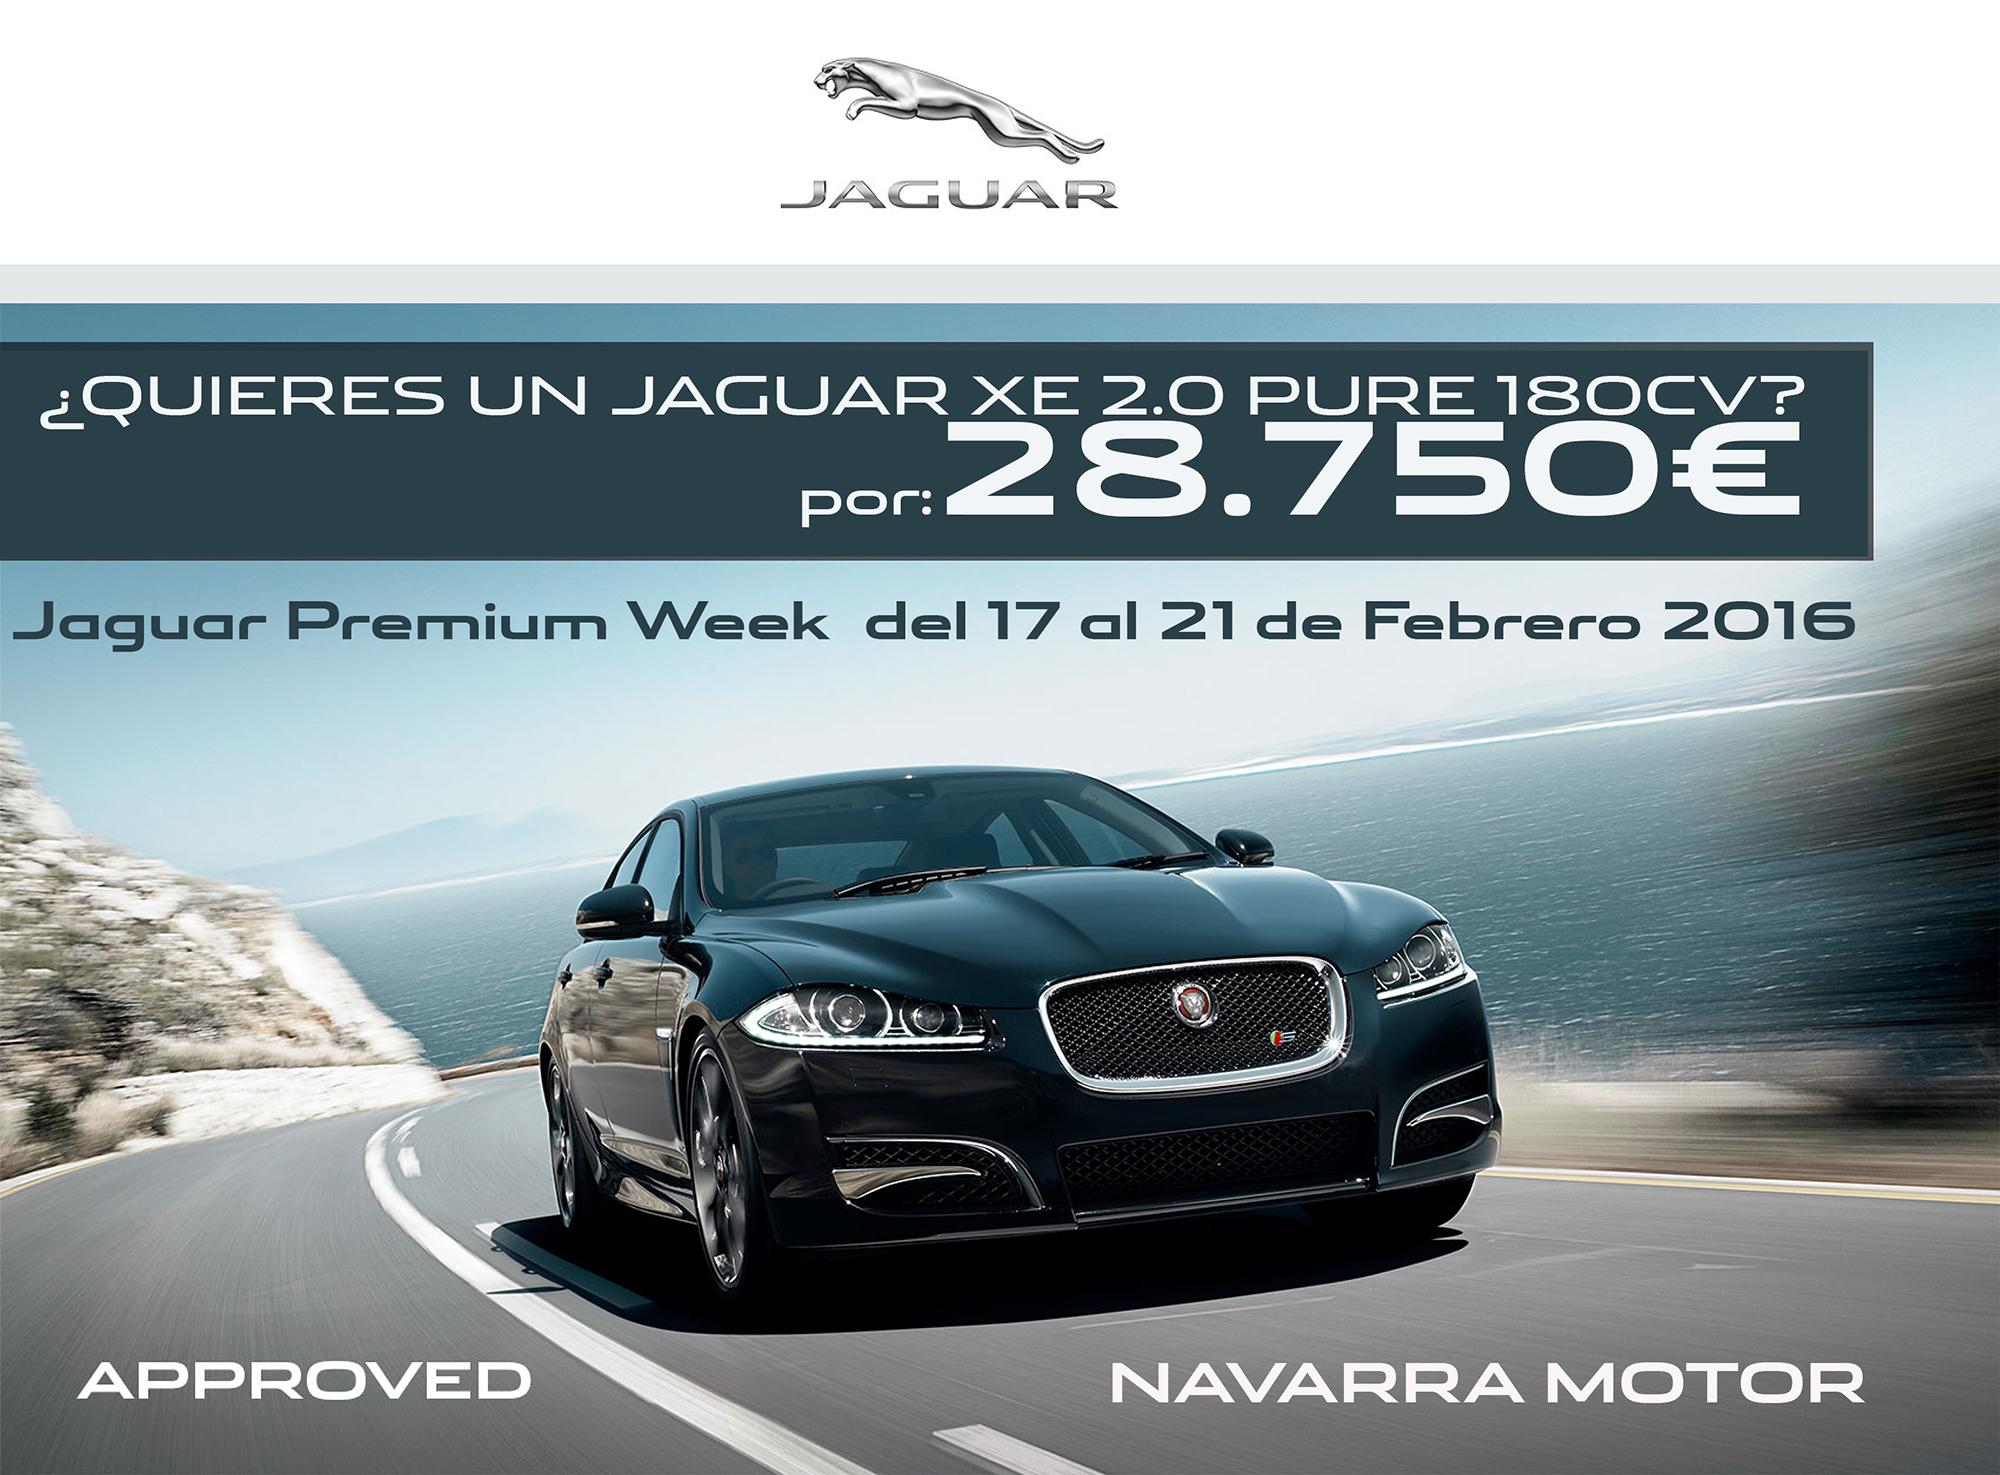 Jaguar Premium Week 2016